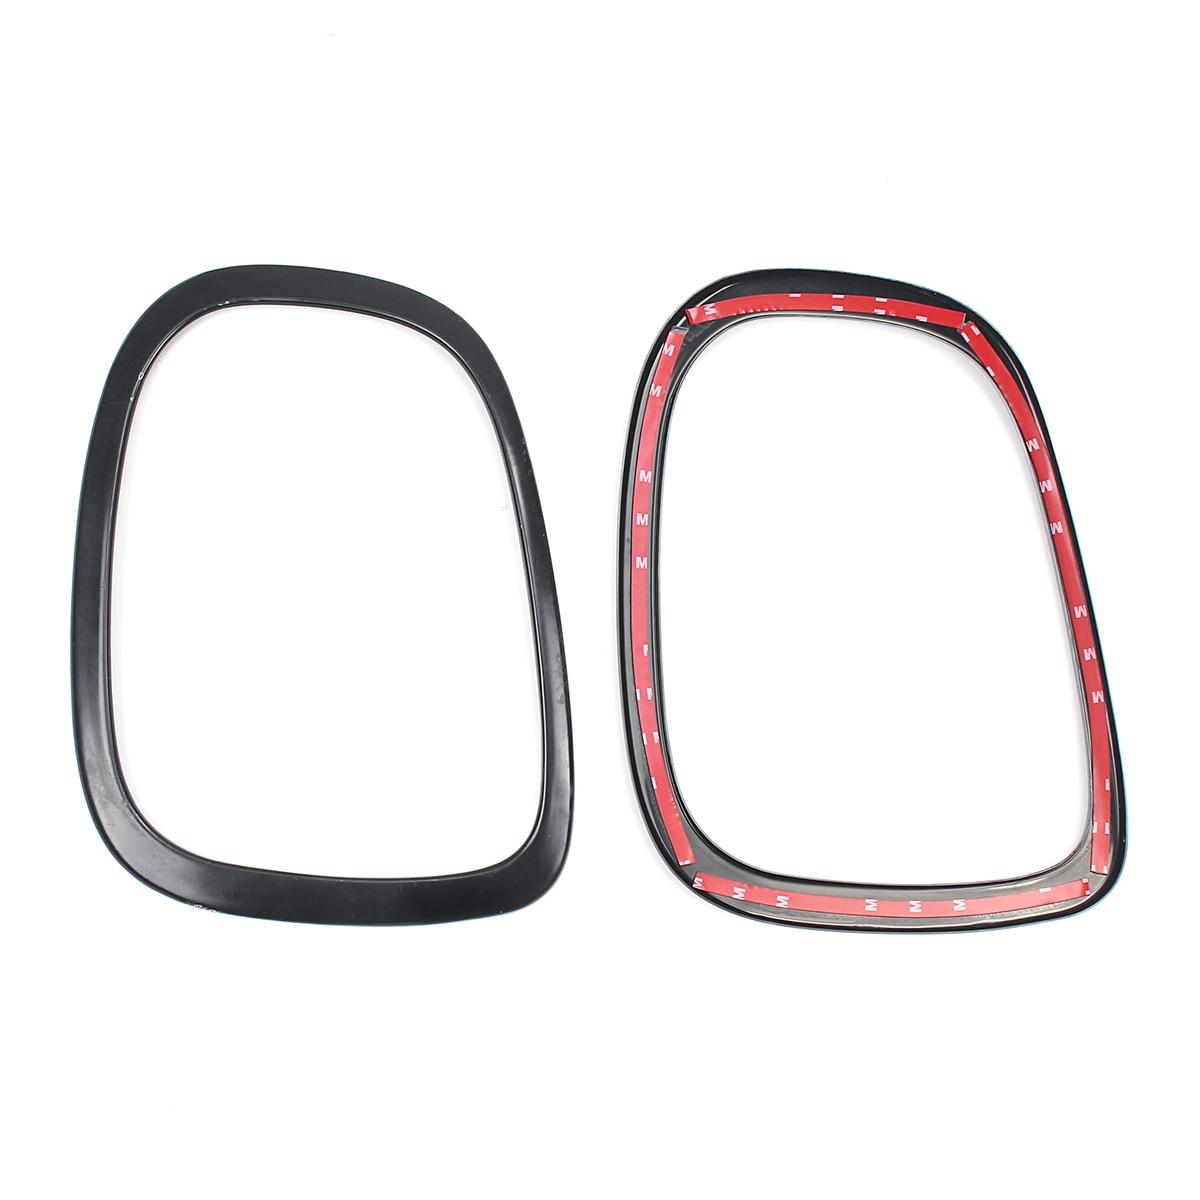 NUOVO 4 pz/set Faro Dell'automobile Testa Coda Posteriore Lampade Rim Trim Anello Coperture Per Mini Cooper One JCW F55 F56 auto Accessori per lo styling - 6